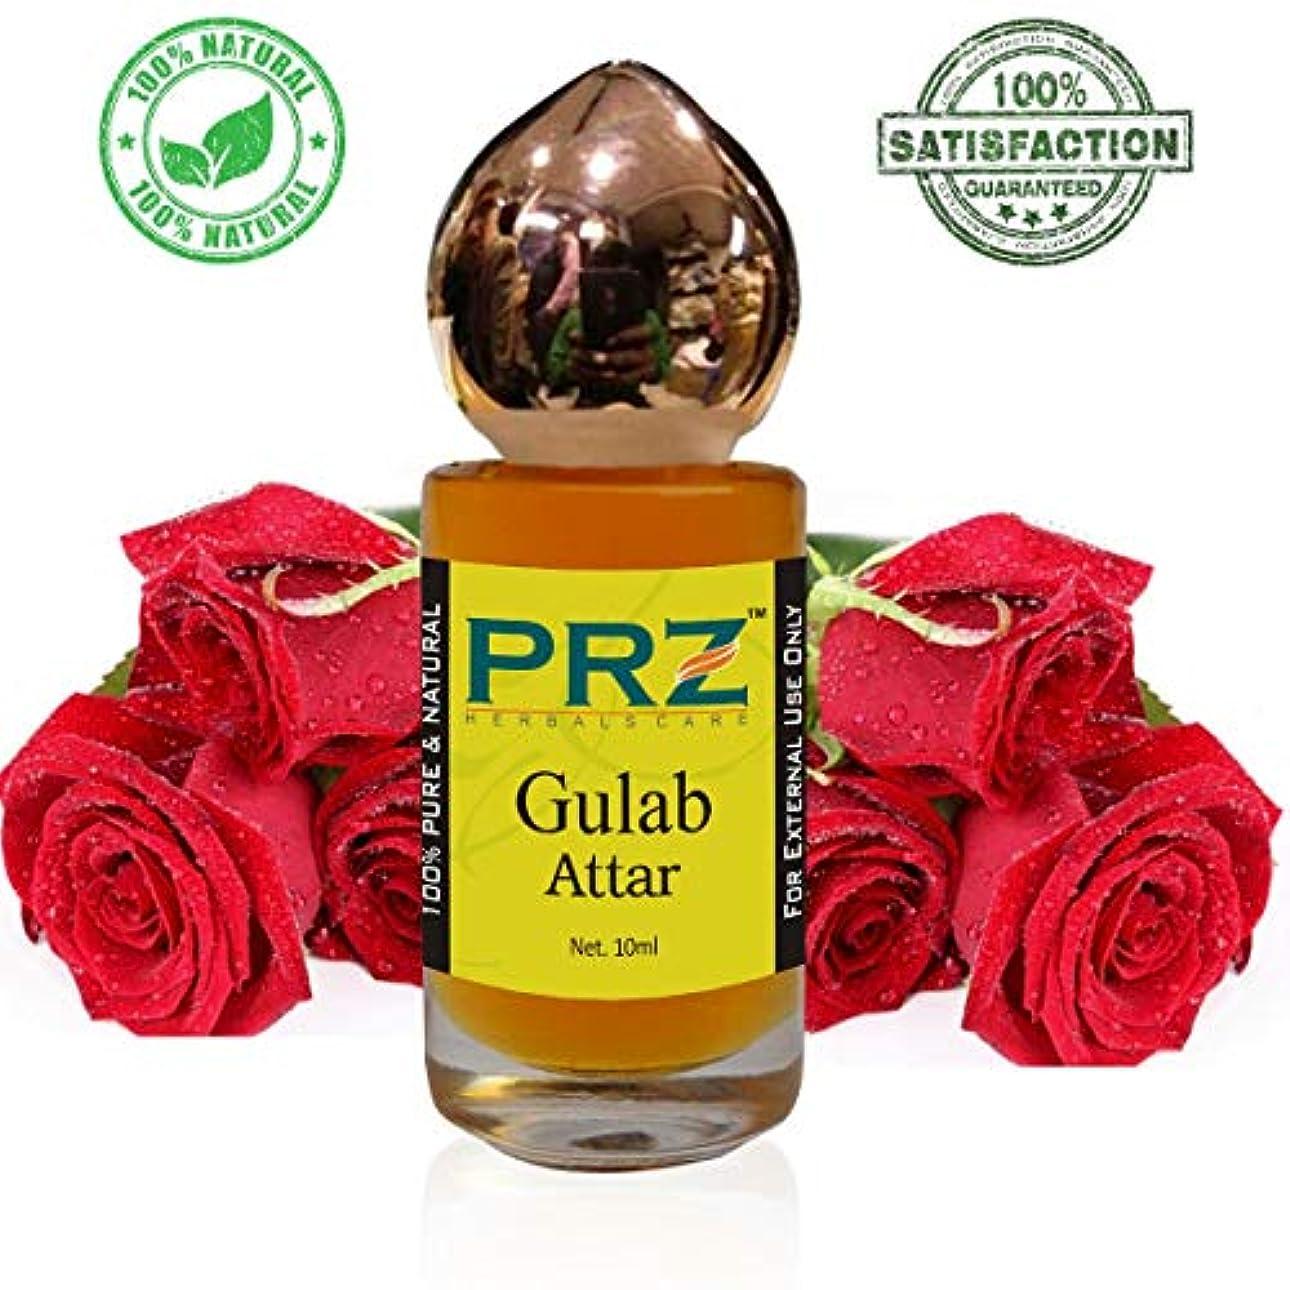 意味のある口頭勝利したユニセックスのためにGULABアターロールオン(10 ML) - ピュアナチュラルプレミアム品質の香水(ノンアルコール)|アターITRA最高品質の香水は、長期的なアタースプレー